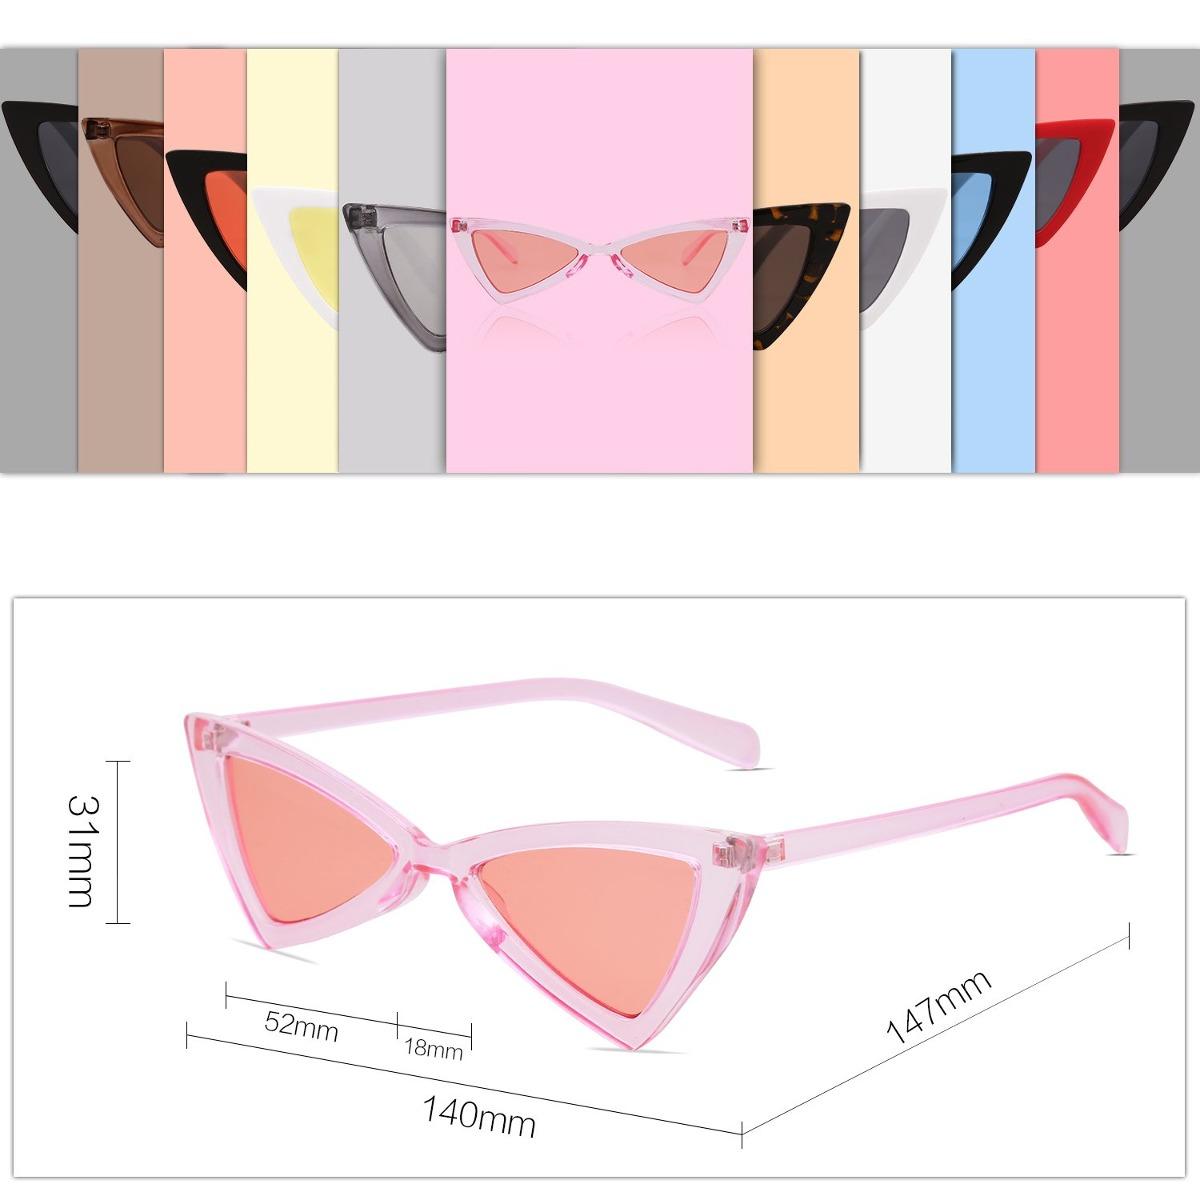 c26264f3f6 Sojos Gafas De Sol Pequeñas Cateye Para Mujer Hombre Gafa - $ 71.900 en  Mercado Libre